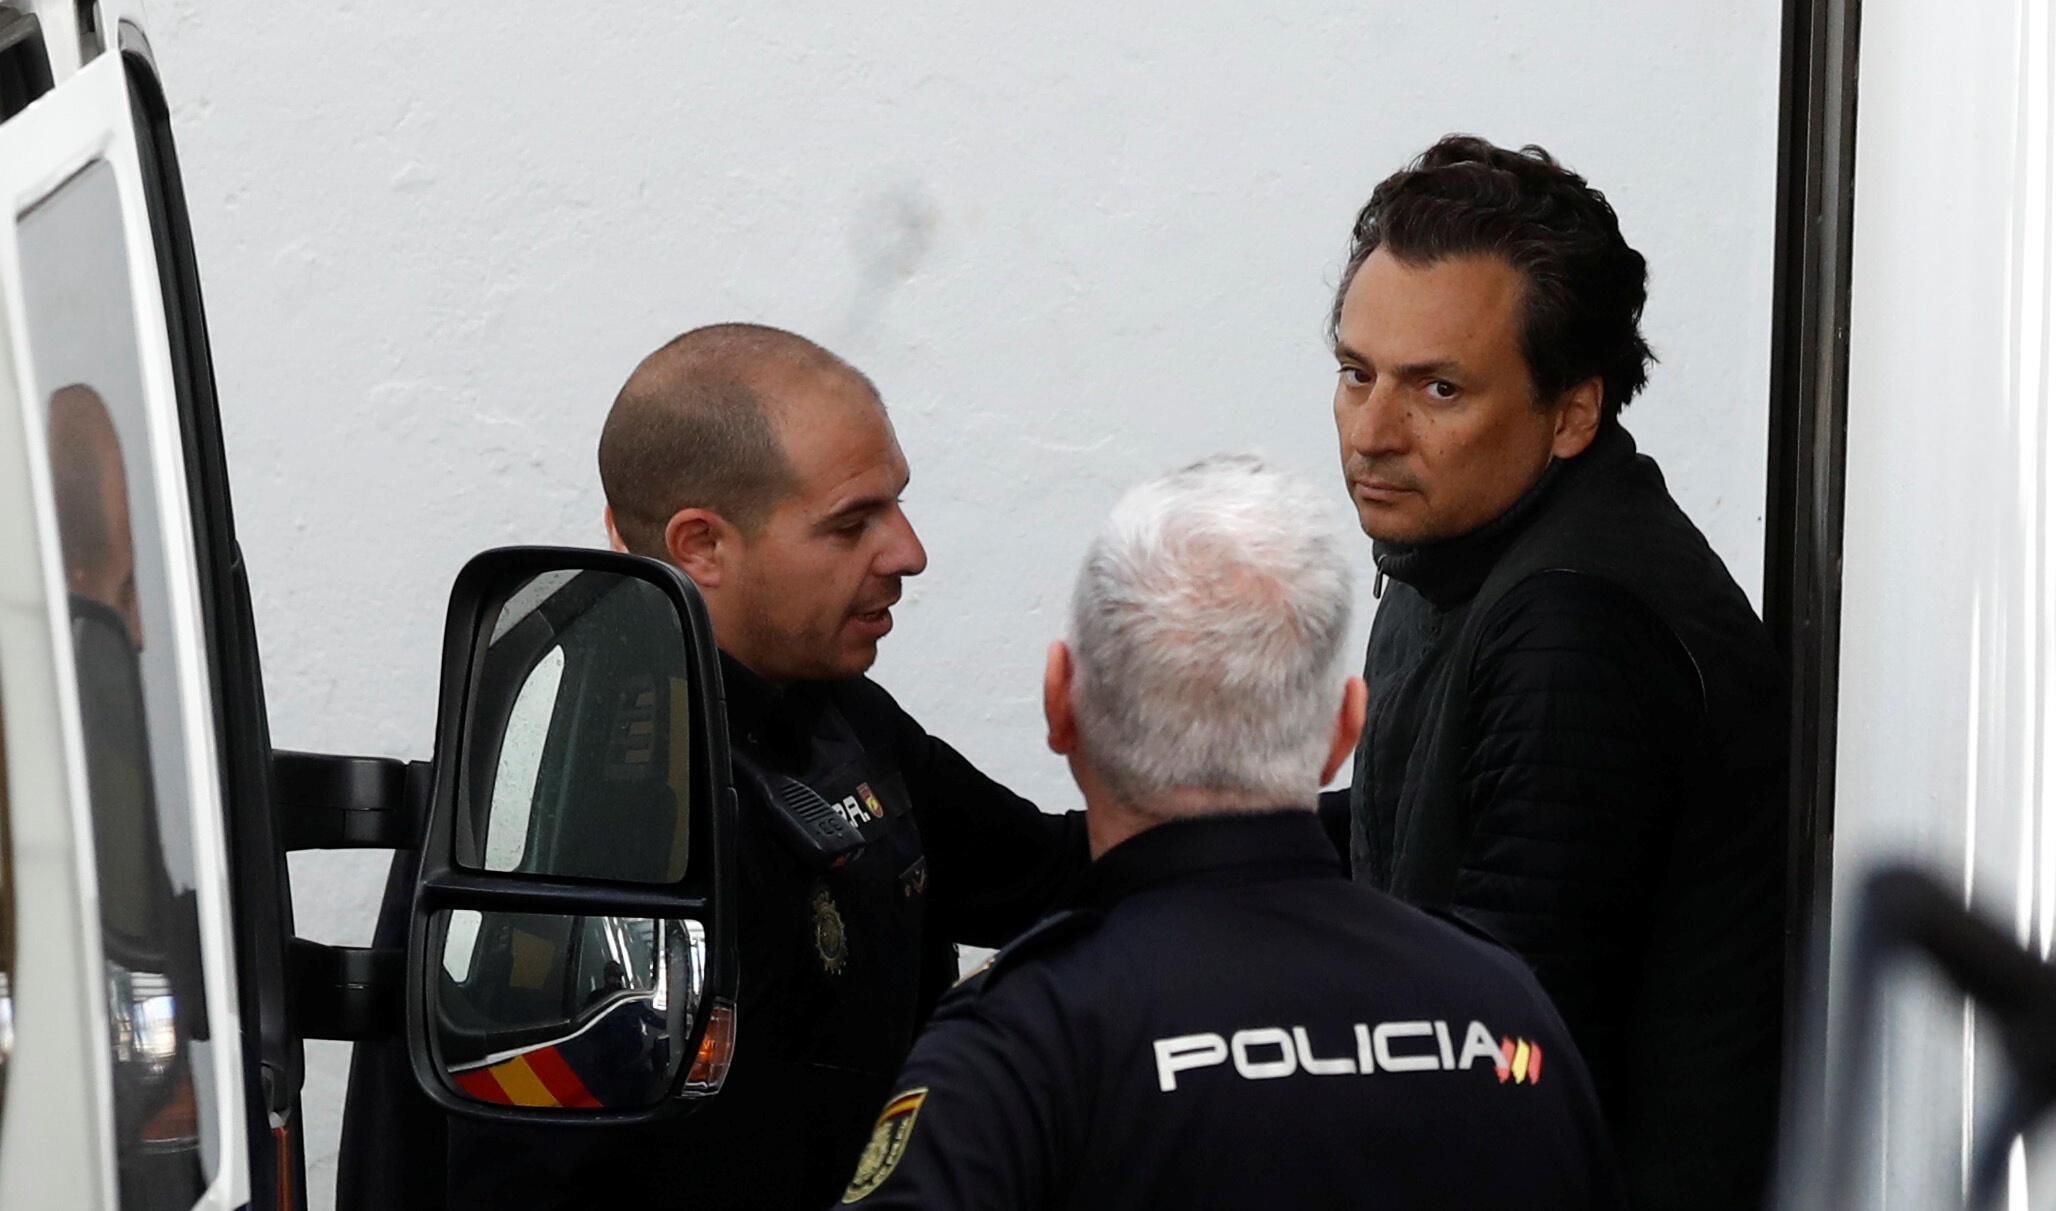 Arrêté en février dernier en Espagne pour son implication présumée dans plusieurs affaires de corruption, Emilio Lozoya a été extradé au Mexique après avoir accepté de collaborer avec la justice.